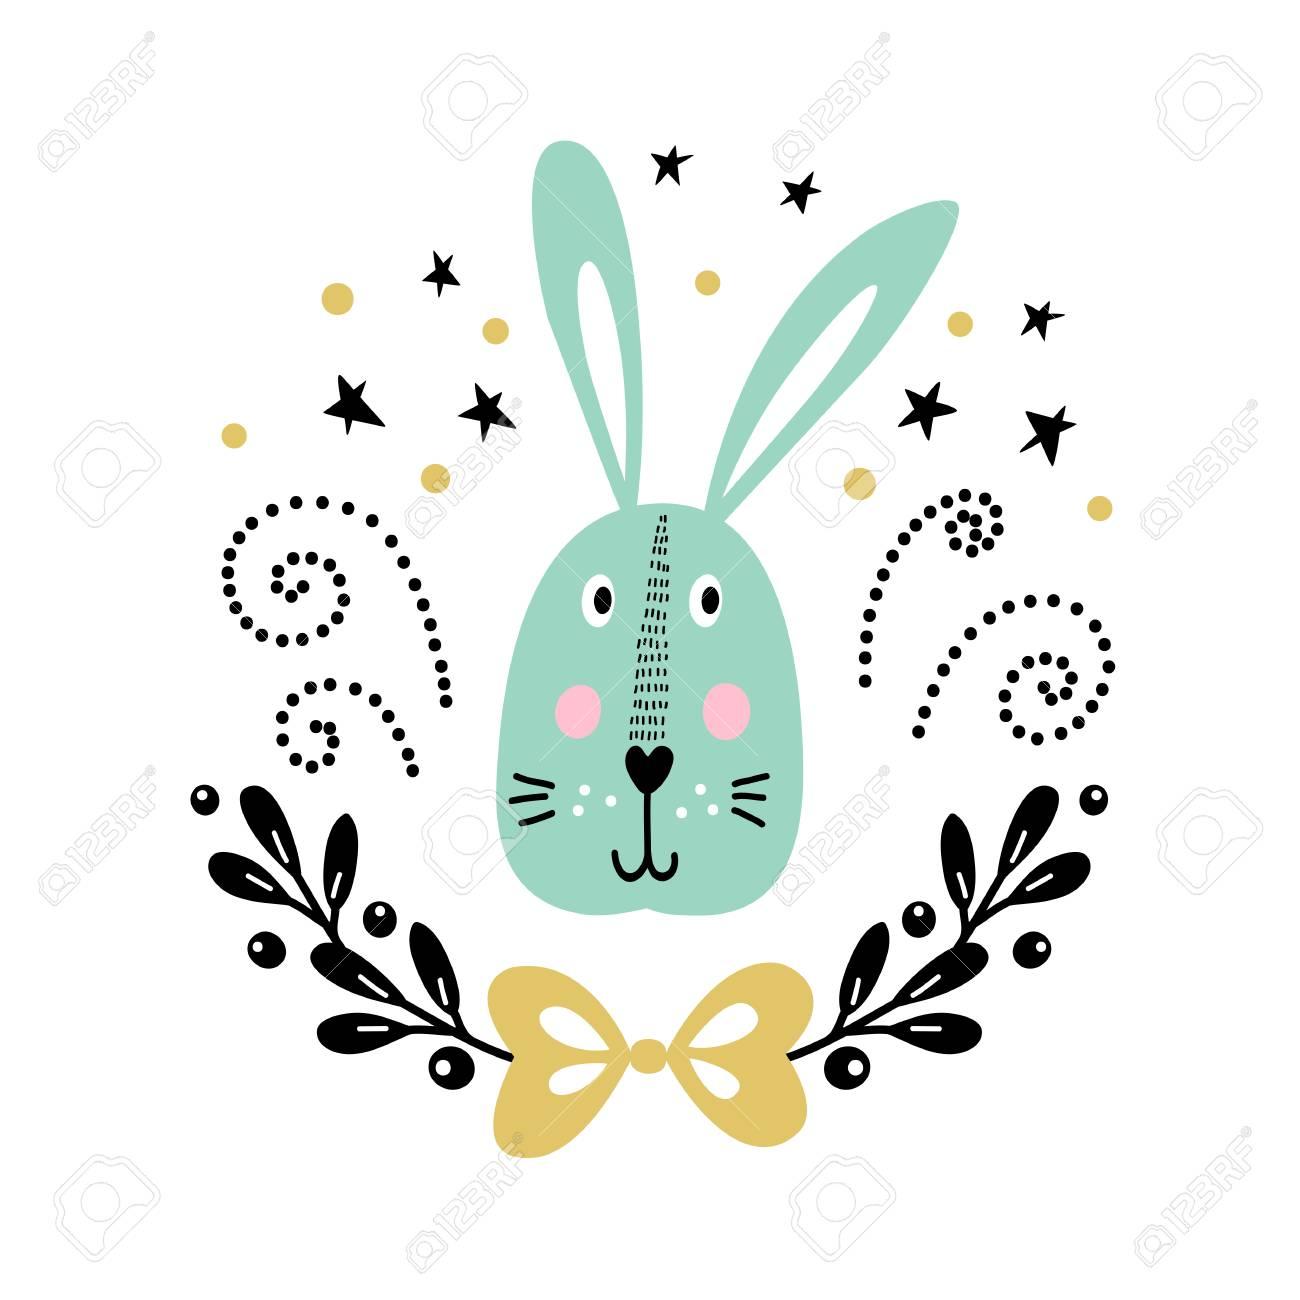 かわいいウサギとベクトルカード子供用イラストプリント挨拶ポスターtシャツパッケージング招待状かわいいウサギのポストカード面白い漫画の動物